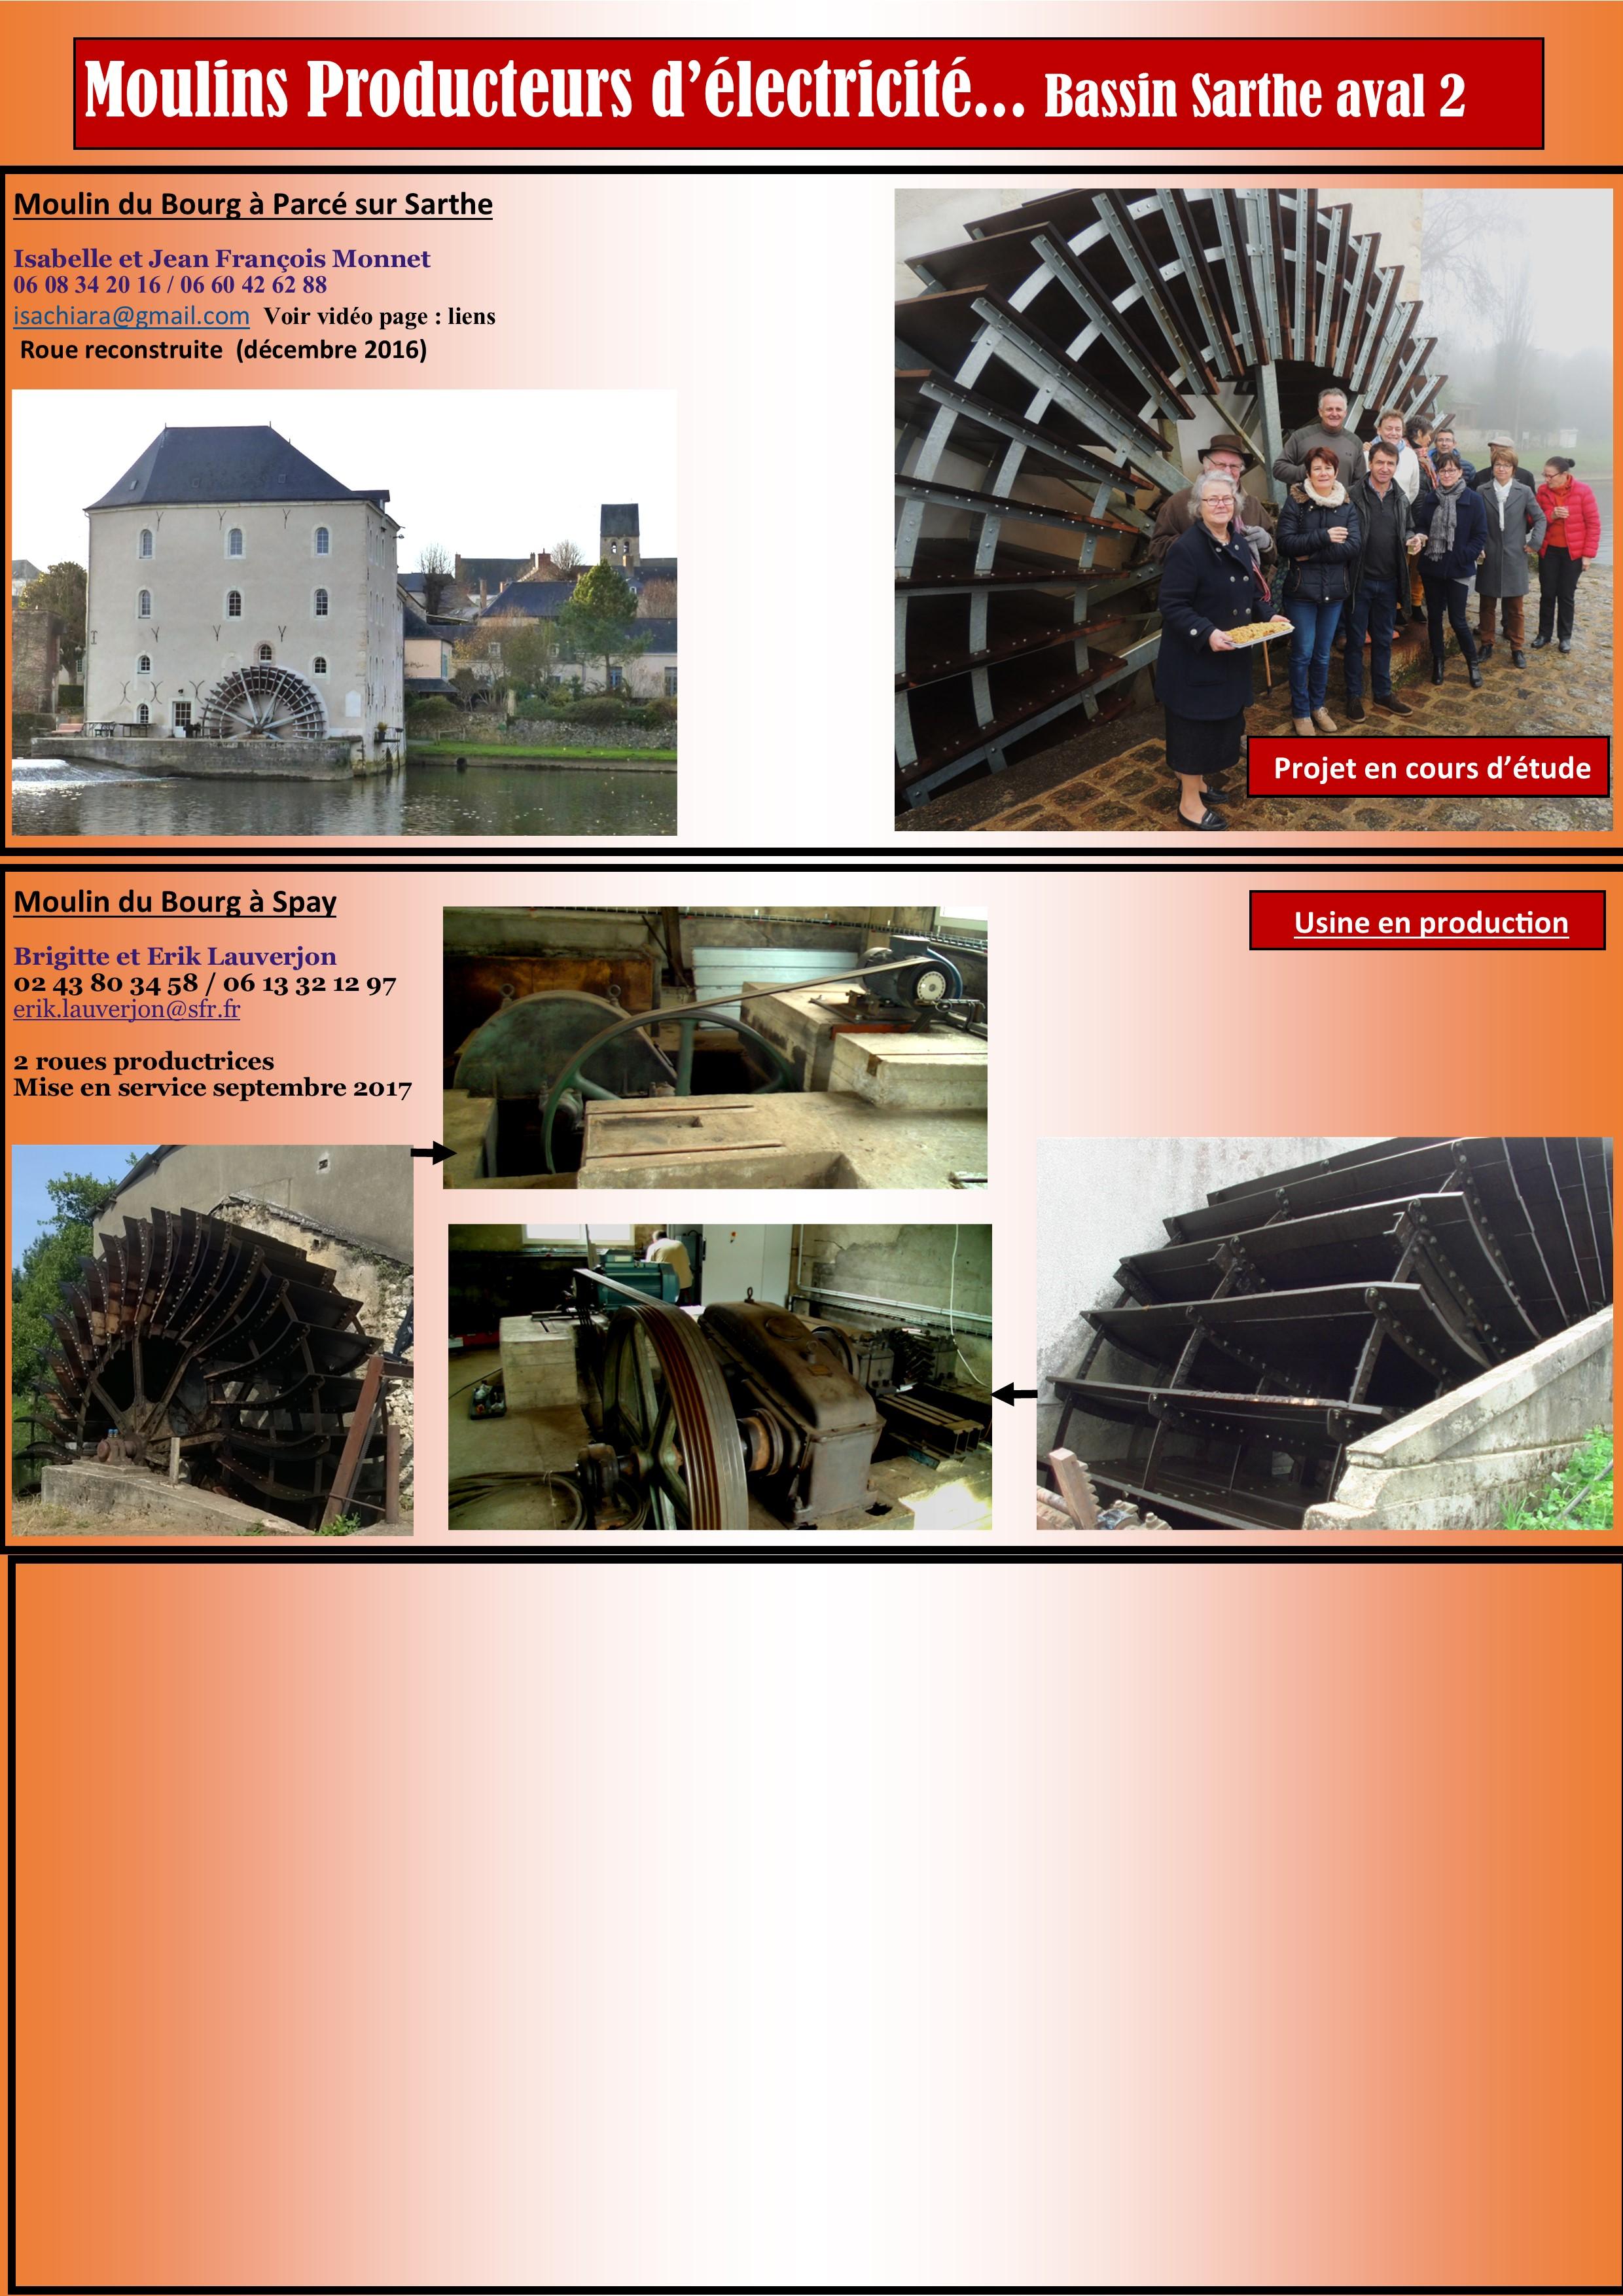 Hydroélectricité Sarthe aval 2